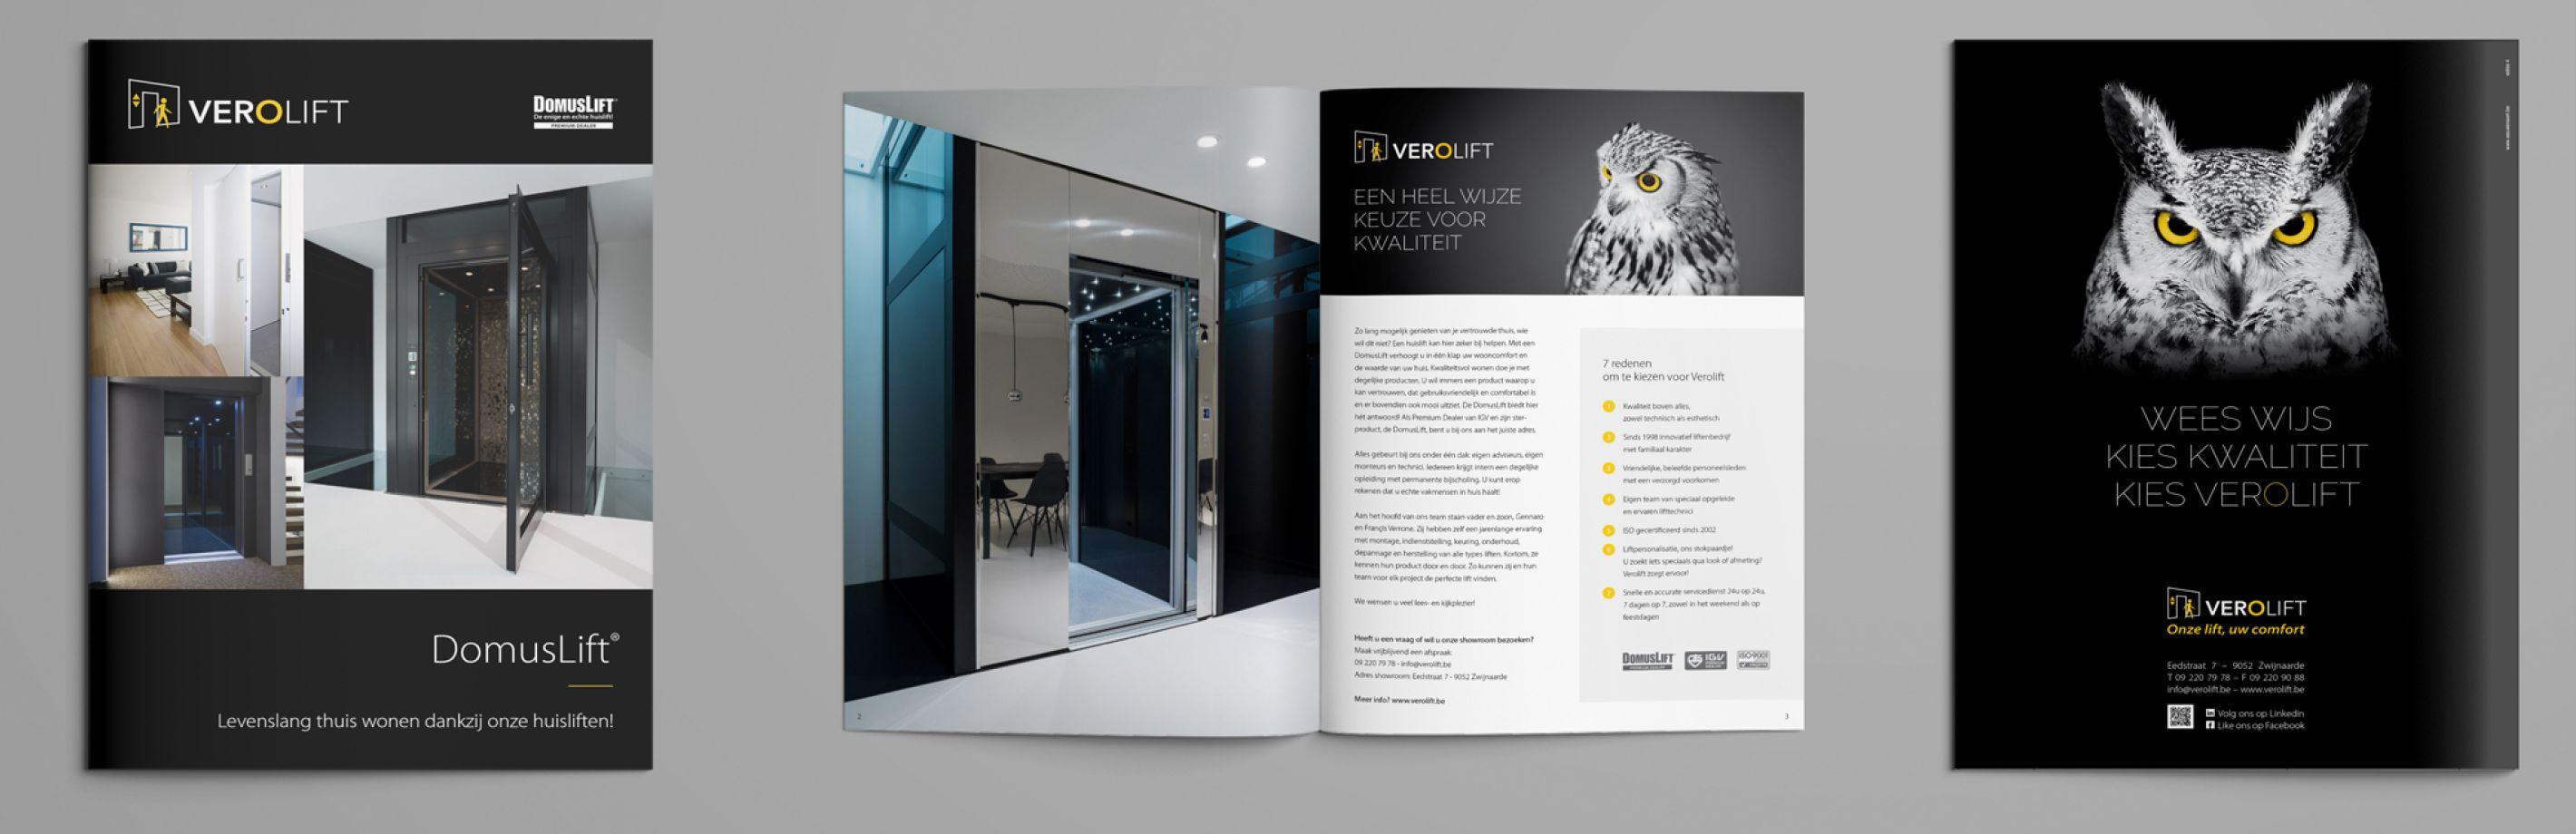 """Verolift brochure """"Domuslift"""""""